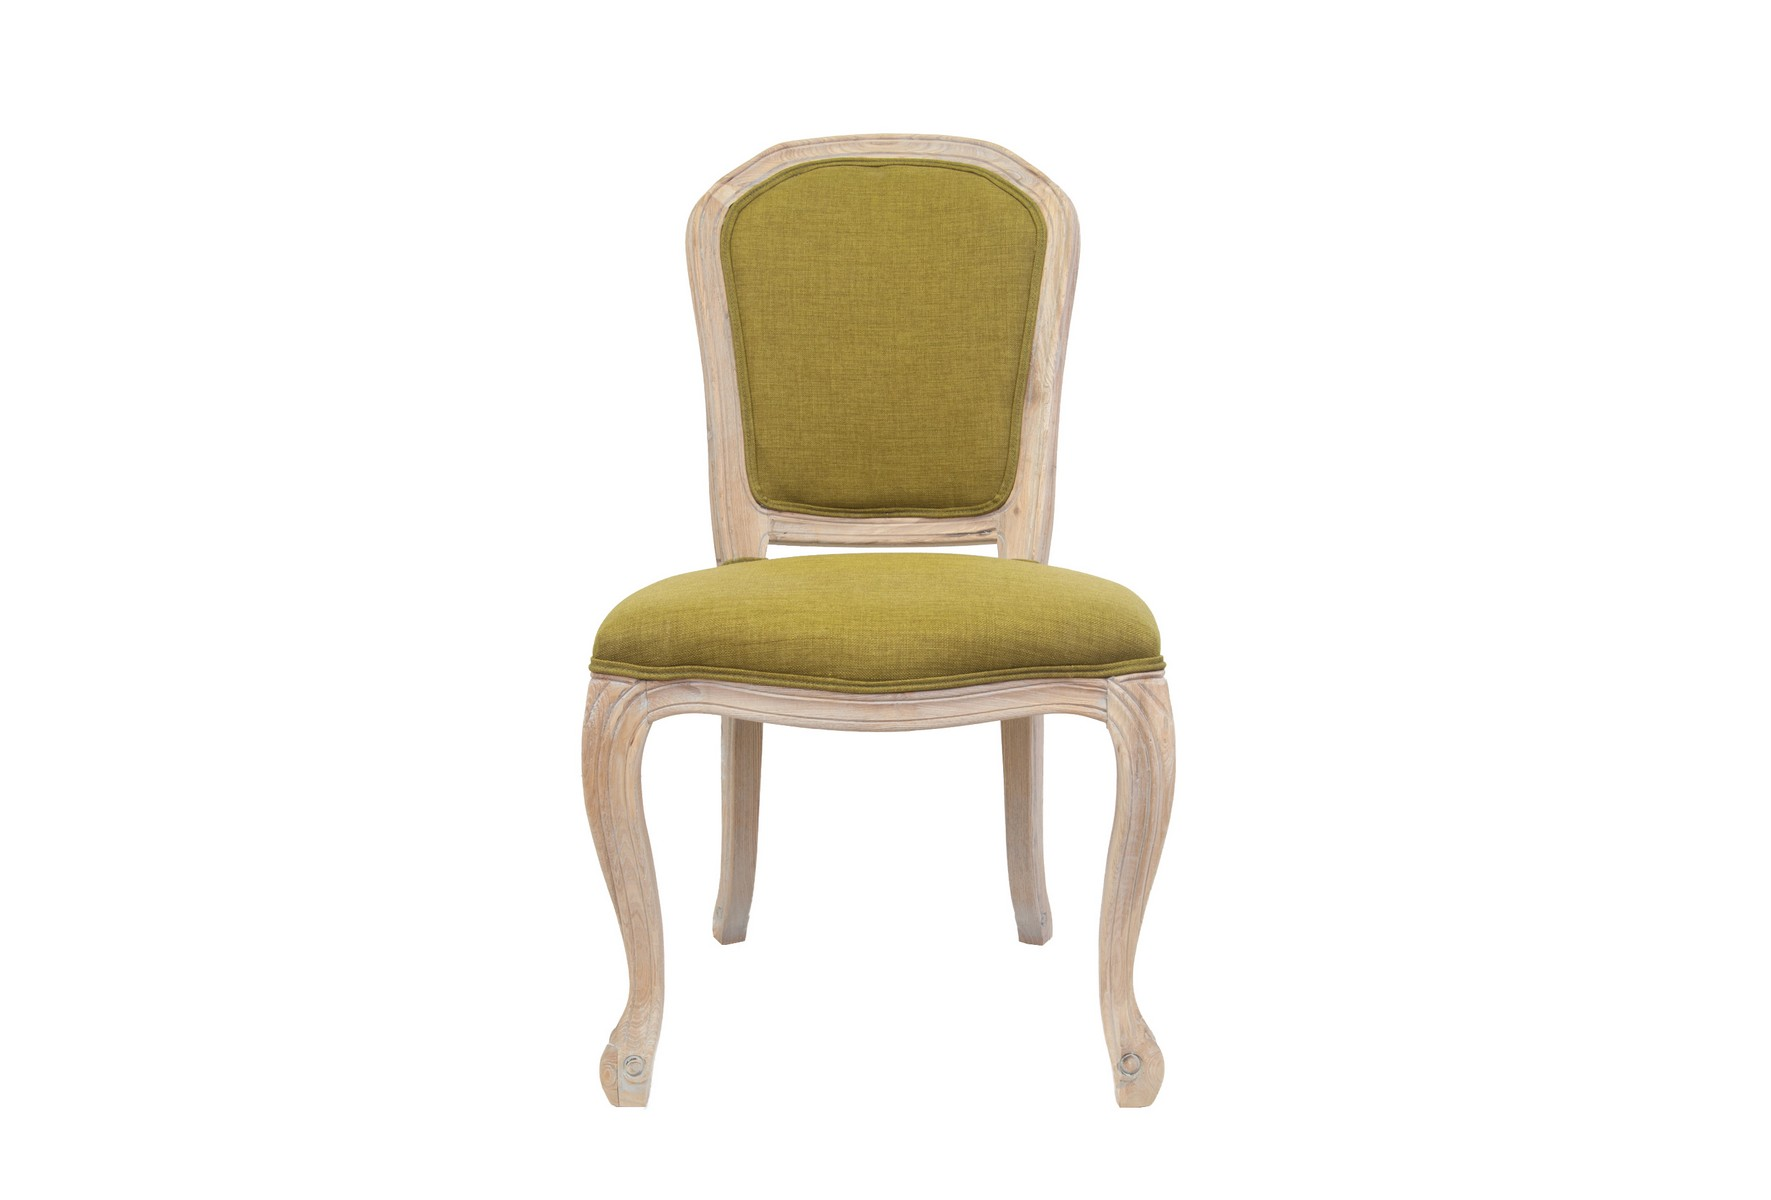 Стул Granes greenОбеденные стулья<br>Выполнен в элегантном классическом стиле с изящной спинкой. Стул сделан из ценной древесной породы - массива дуба, искусственно состаренного. Ткань обивки выполнена из льна - экологически чистого и приятного материала на ощупь.&amp;lt;div&amp;gt;&amp;lt;br&amp;gt;&amp;lt;/div&amp;gt;&amp;lt;div&amp;gt;Материалы: массив дуба, лен&amp;lt;/div&amp;gt;<br><br>Material: Дуб<br>Width см: 53<br>Depth см: 54<br>Height см: 107